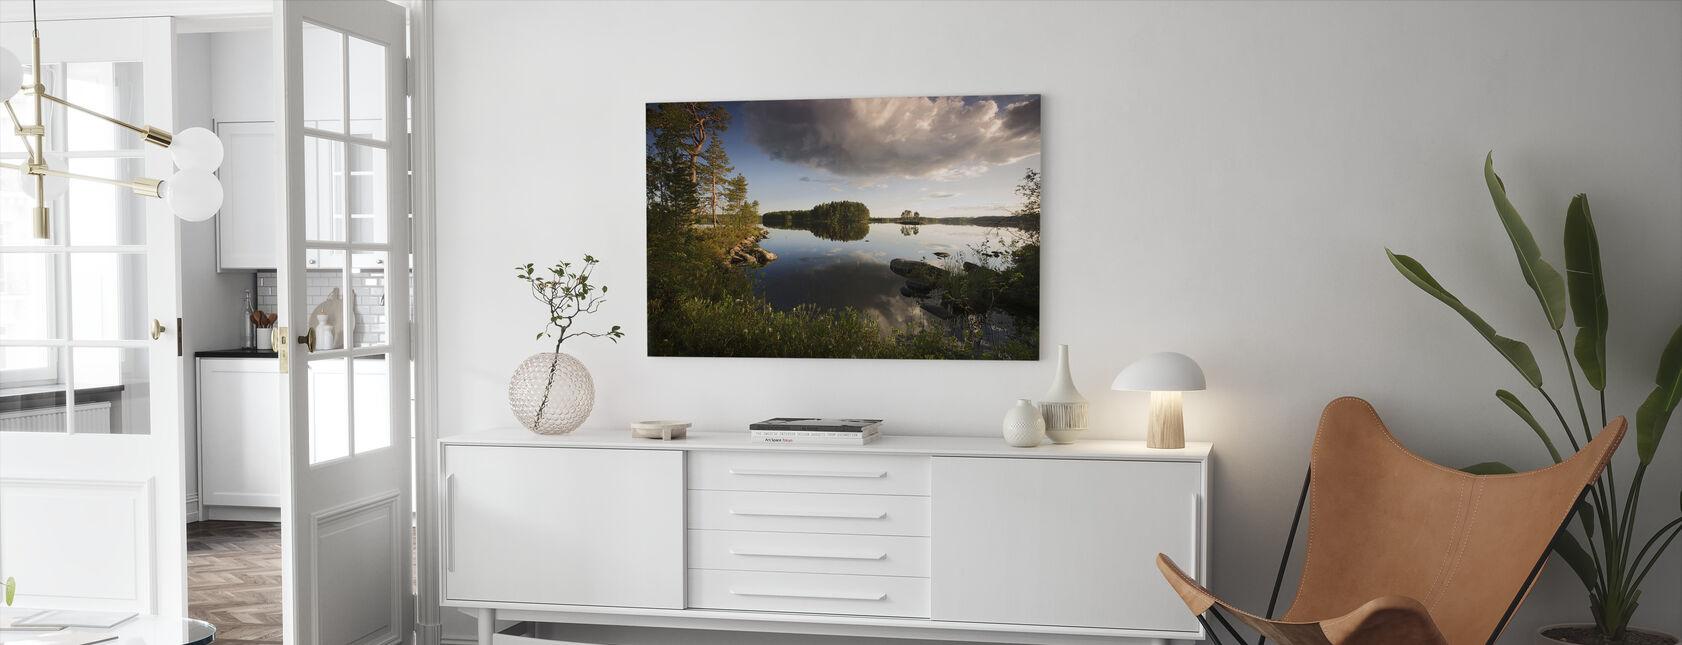 Ruotsin kesämaisema - Canvastaulu - Olohuone